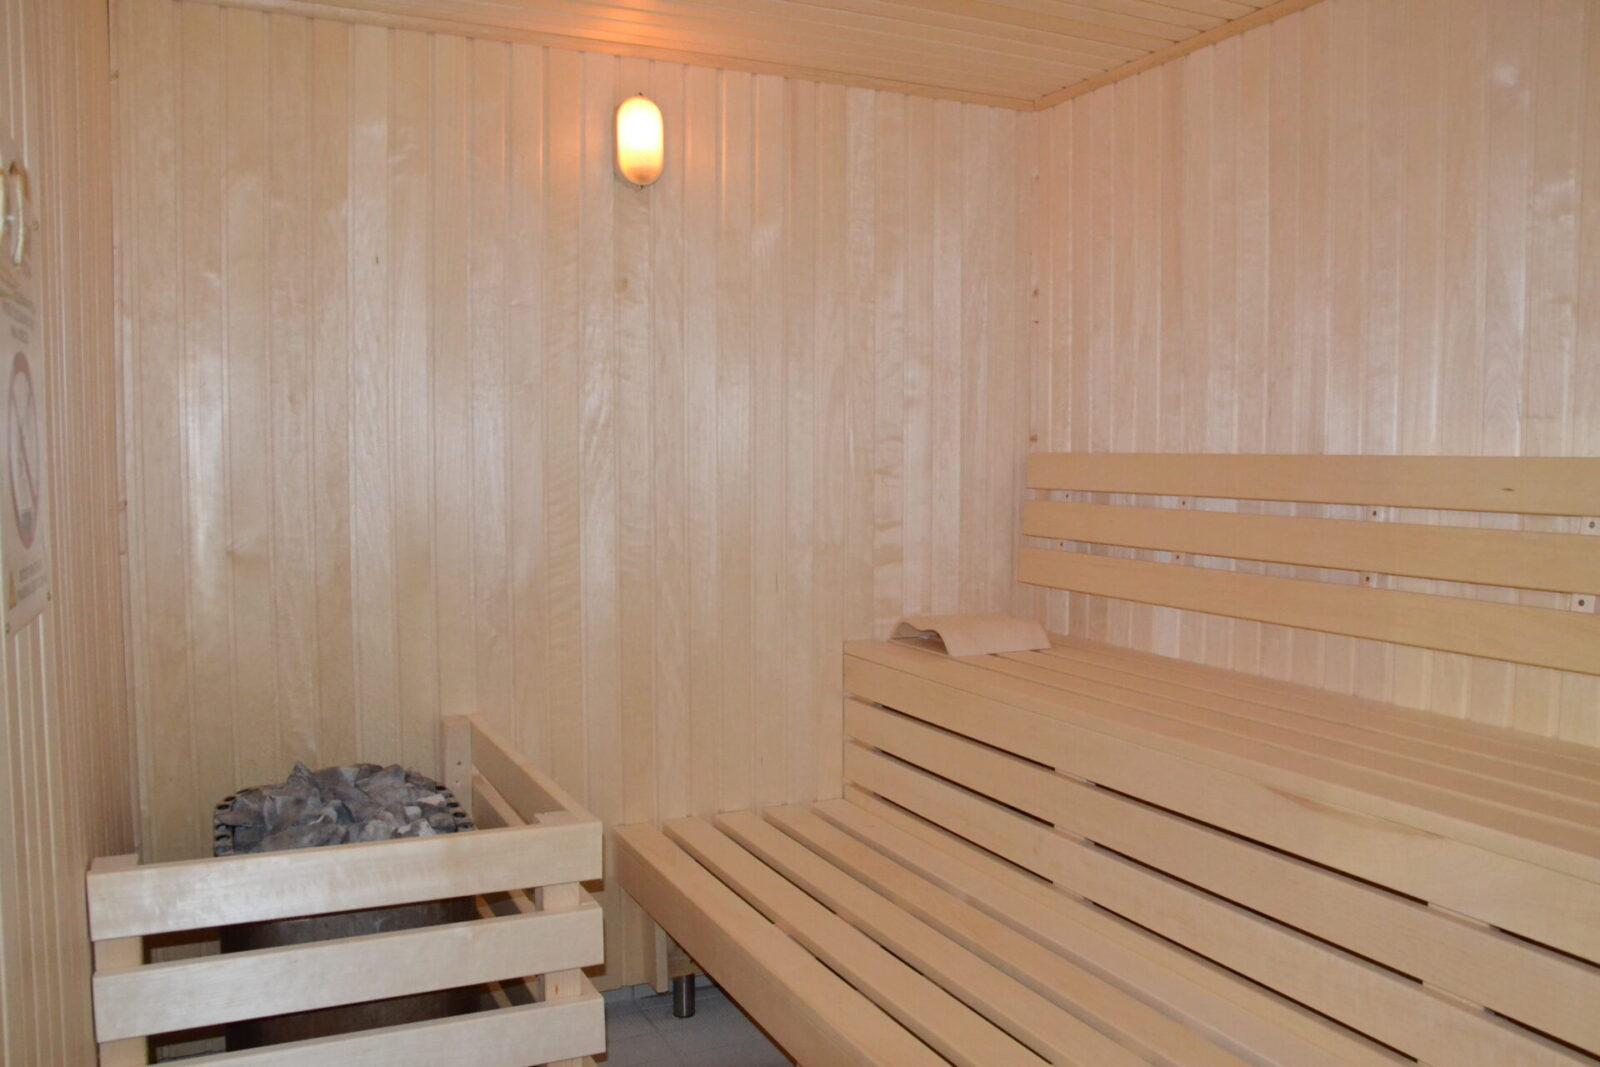 Pływalnia Kasztelanka - sauna